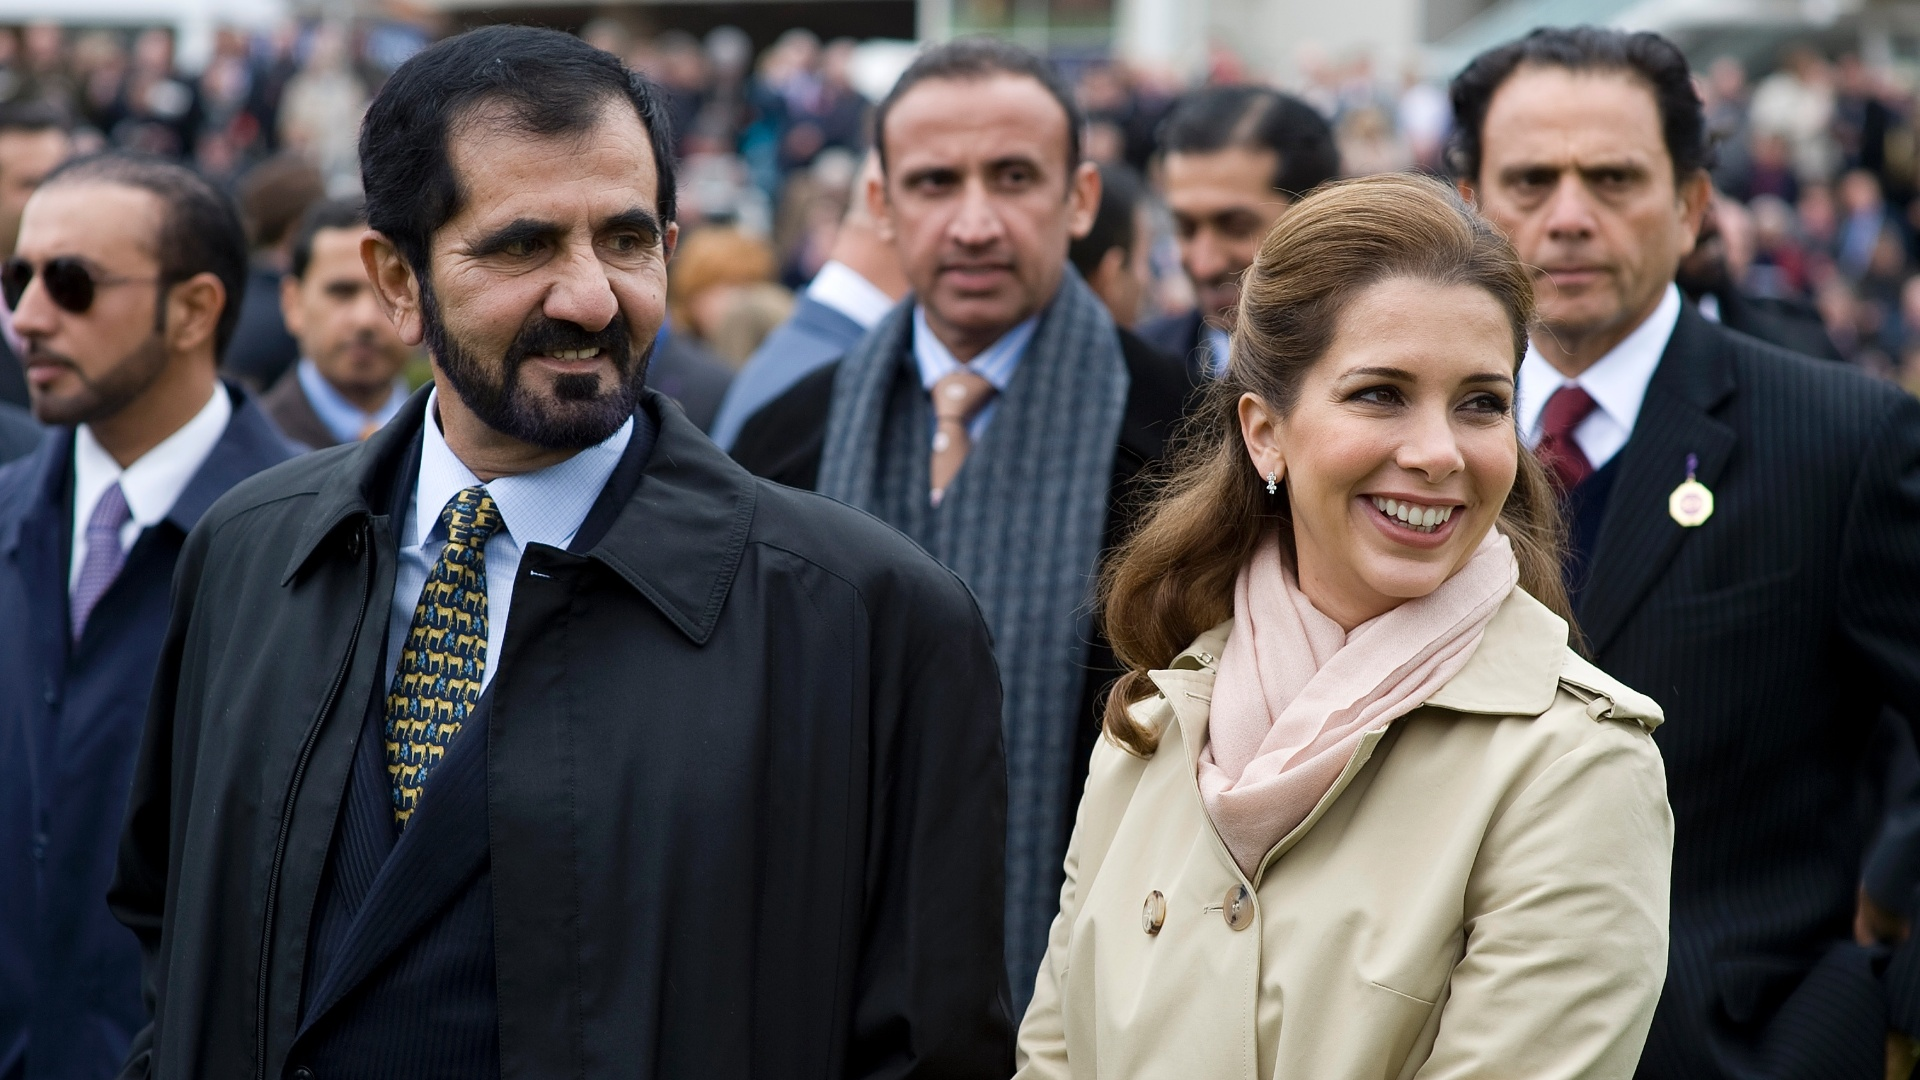 Princesa Haya, da Jordânia, ao lado do marido Mohammed bin Rashid Al Maktoum, primeiro-ministro dos Emirados Árabes Unidos